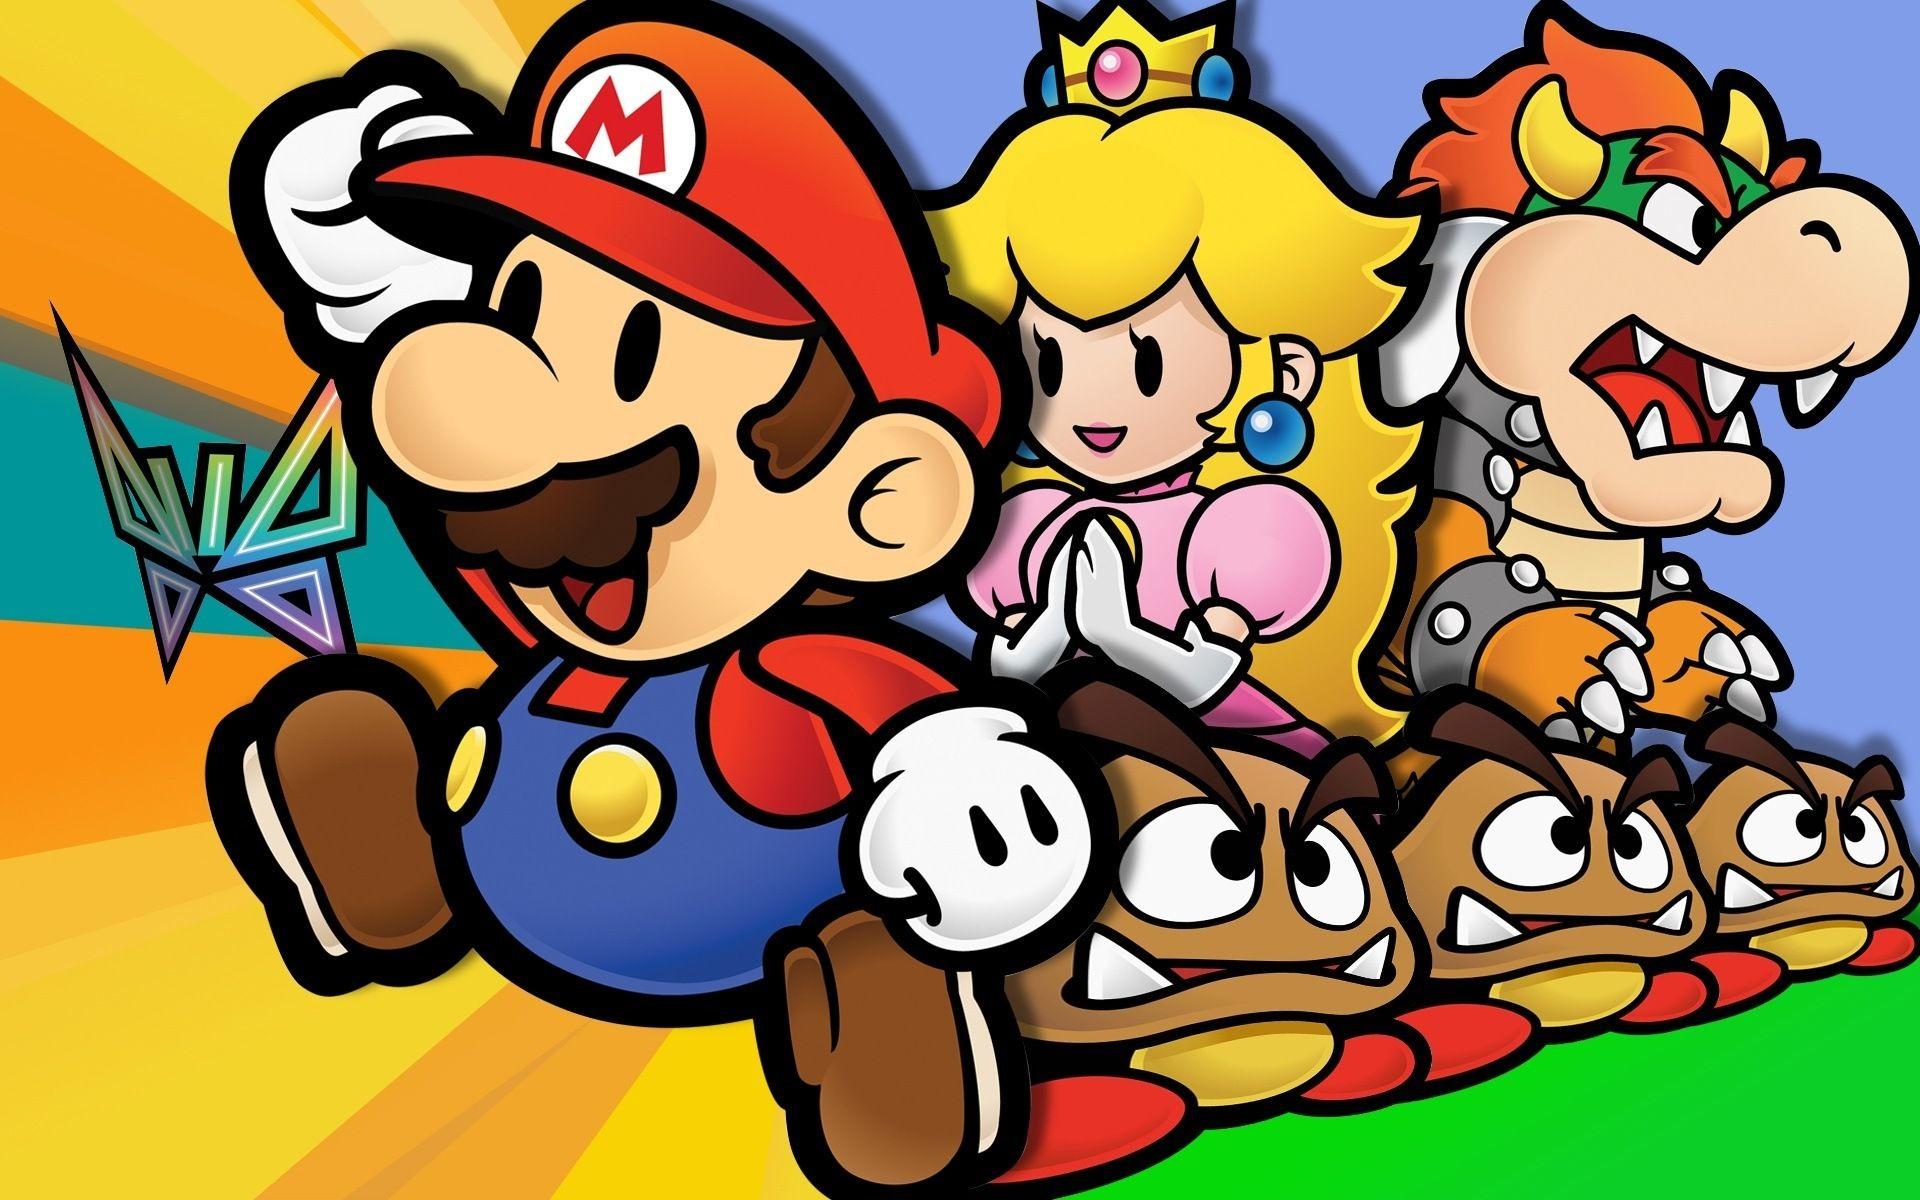 Super Mario Bros Wallpaper